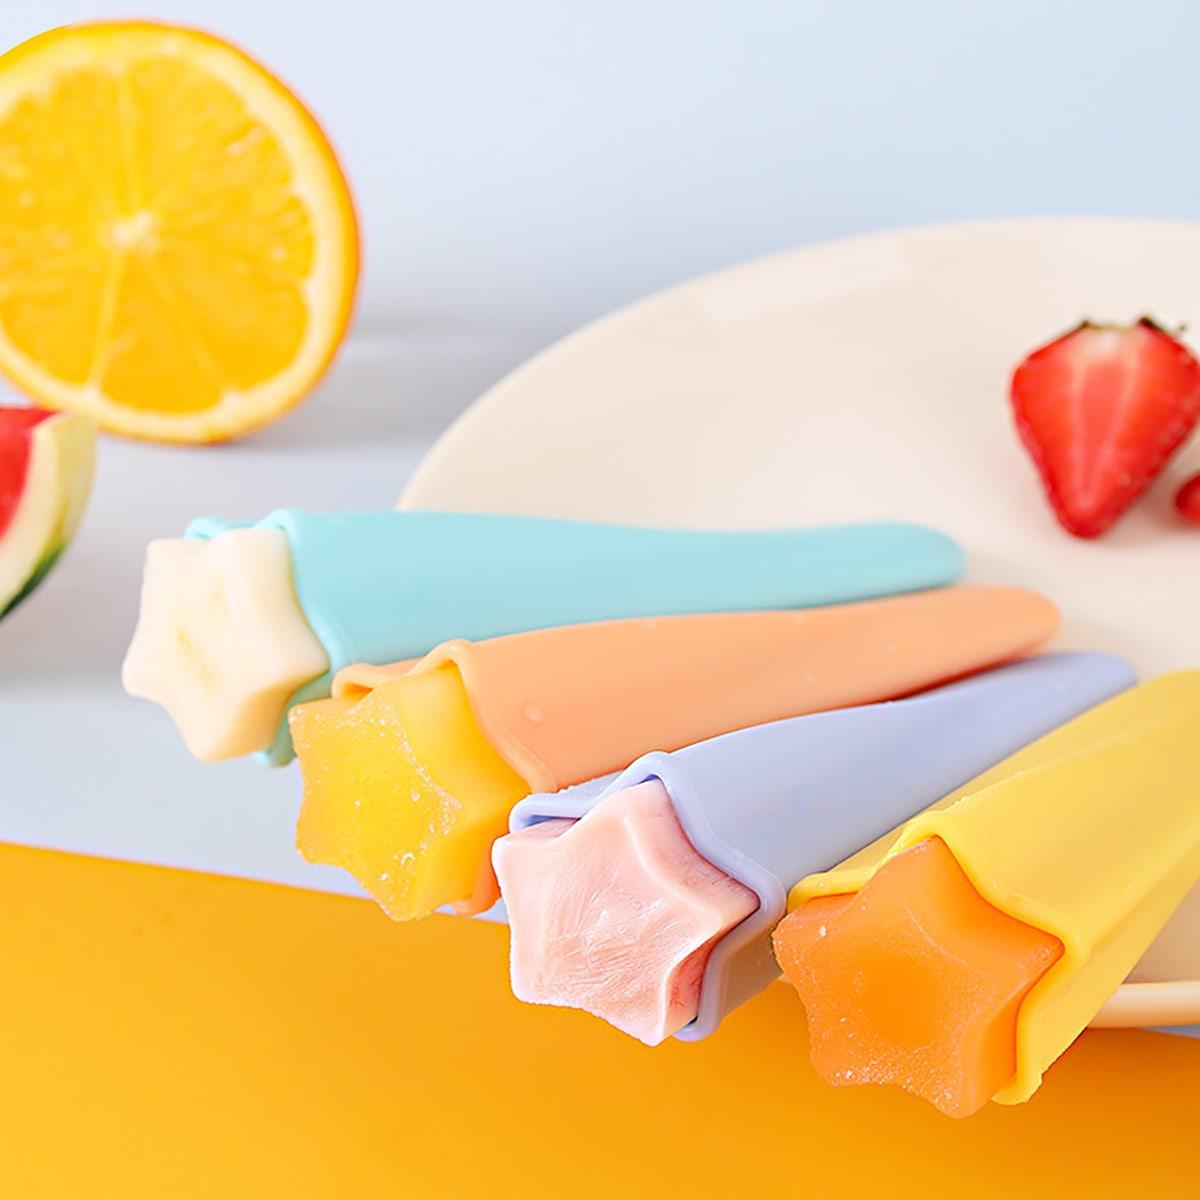 SHEIN / 1pc Random Color Silicone Ice Cream Mold